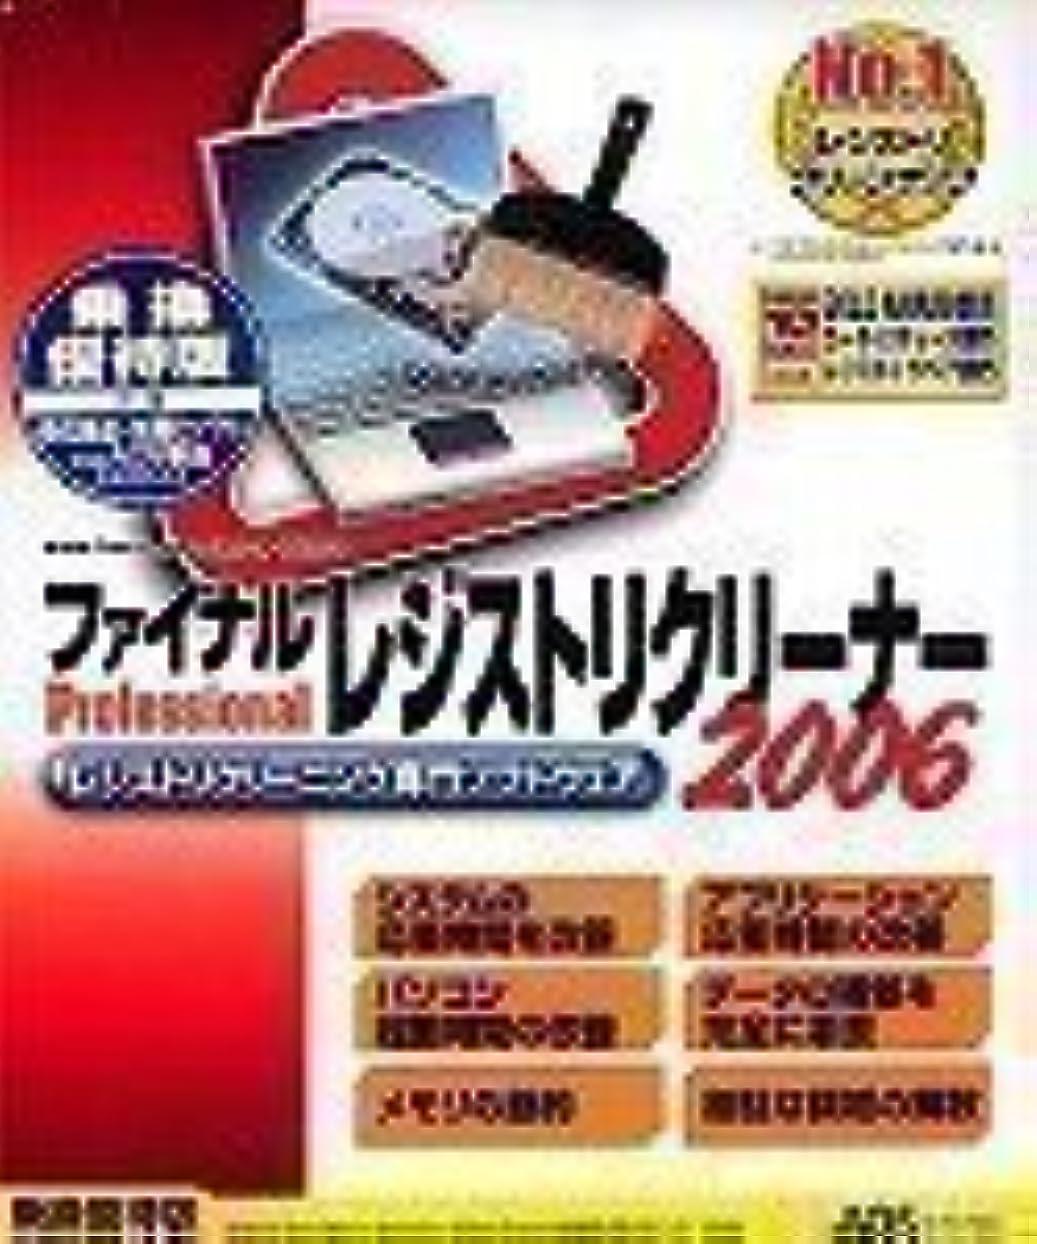 ファイナルProfessional レジストリクリーナー2006 乗換優待版